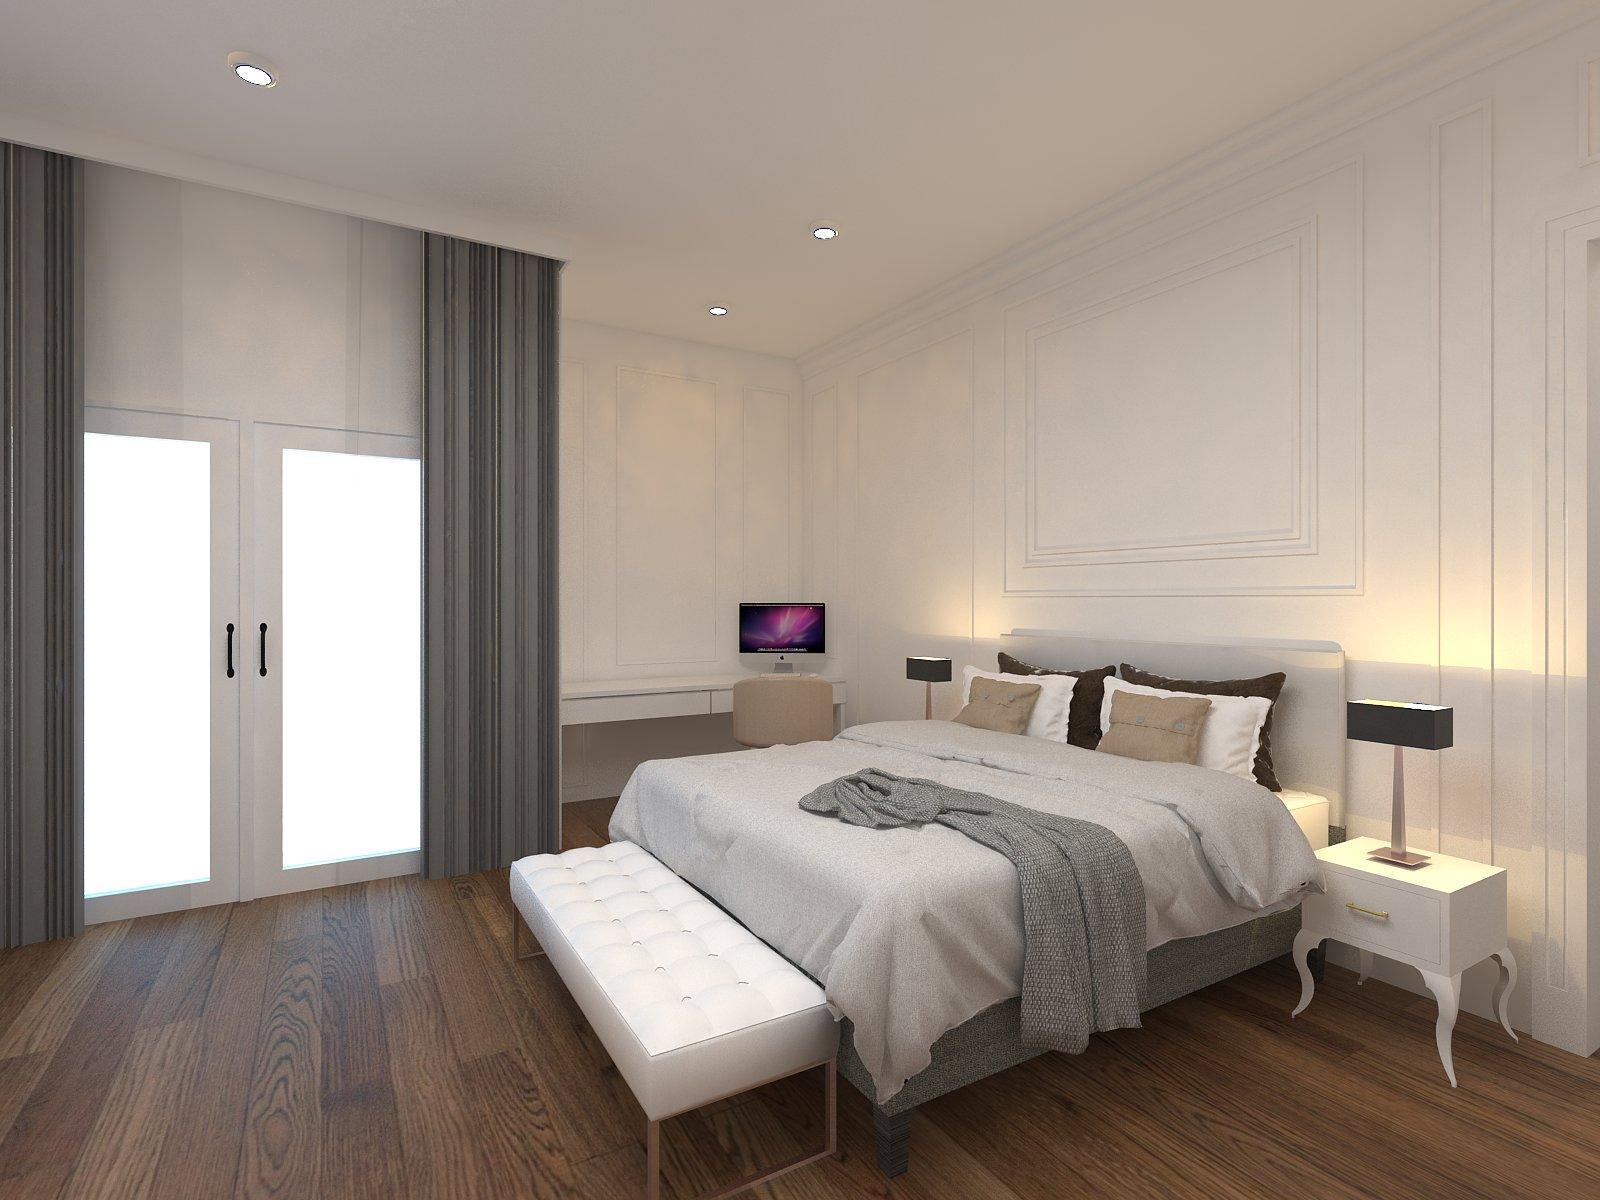 16 inspirasi dekorasi dan desain kamar tidur minimalis | happy living